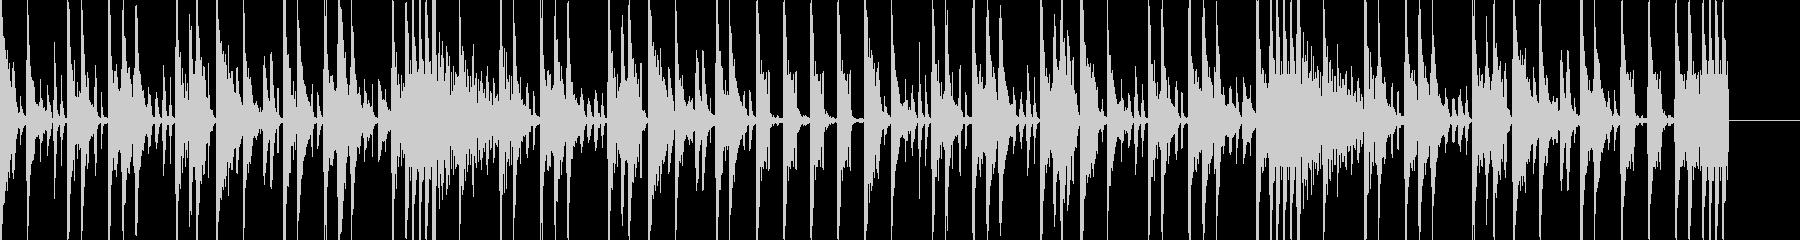 ボイパ 勢いのあるBGMの未再生の波形